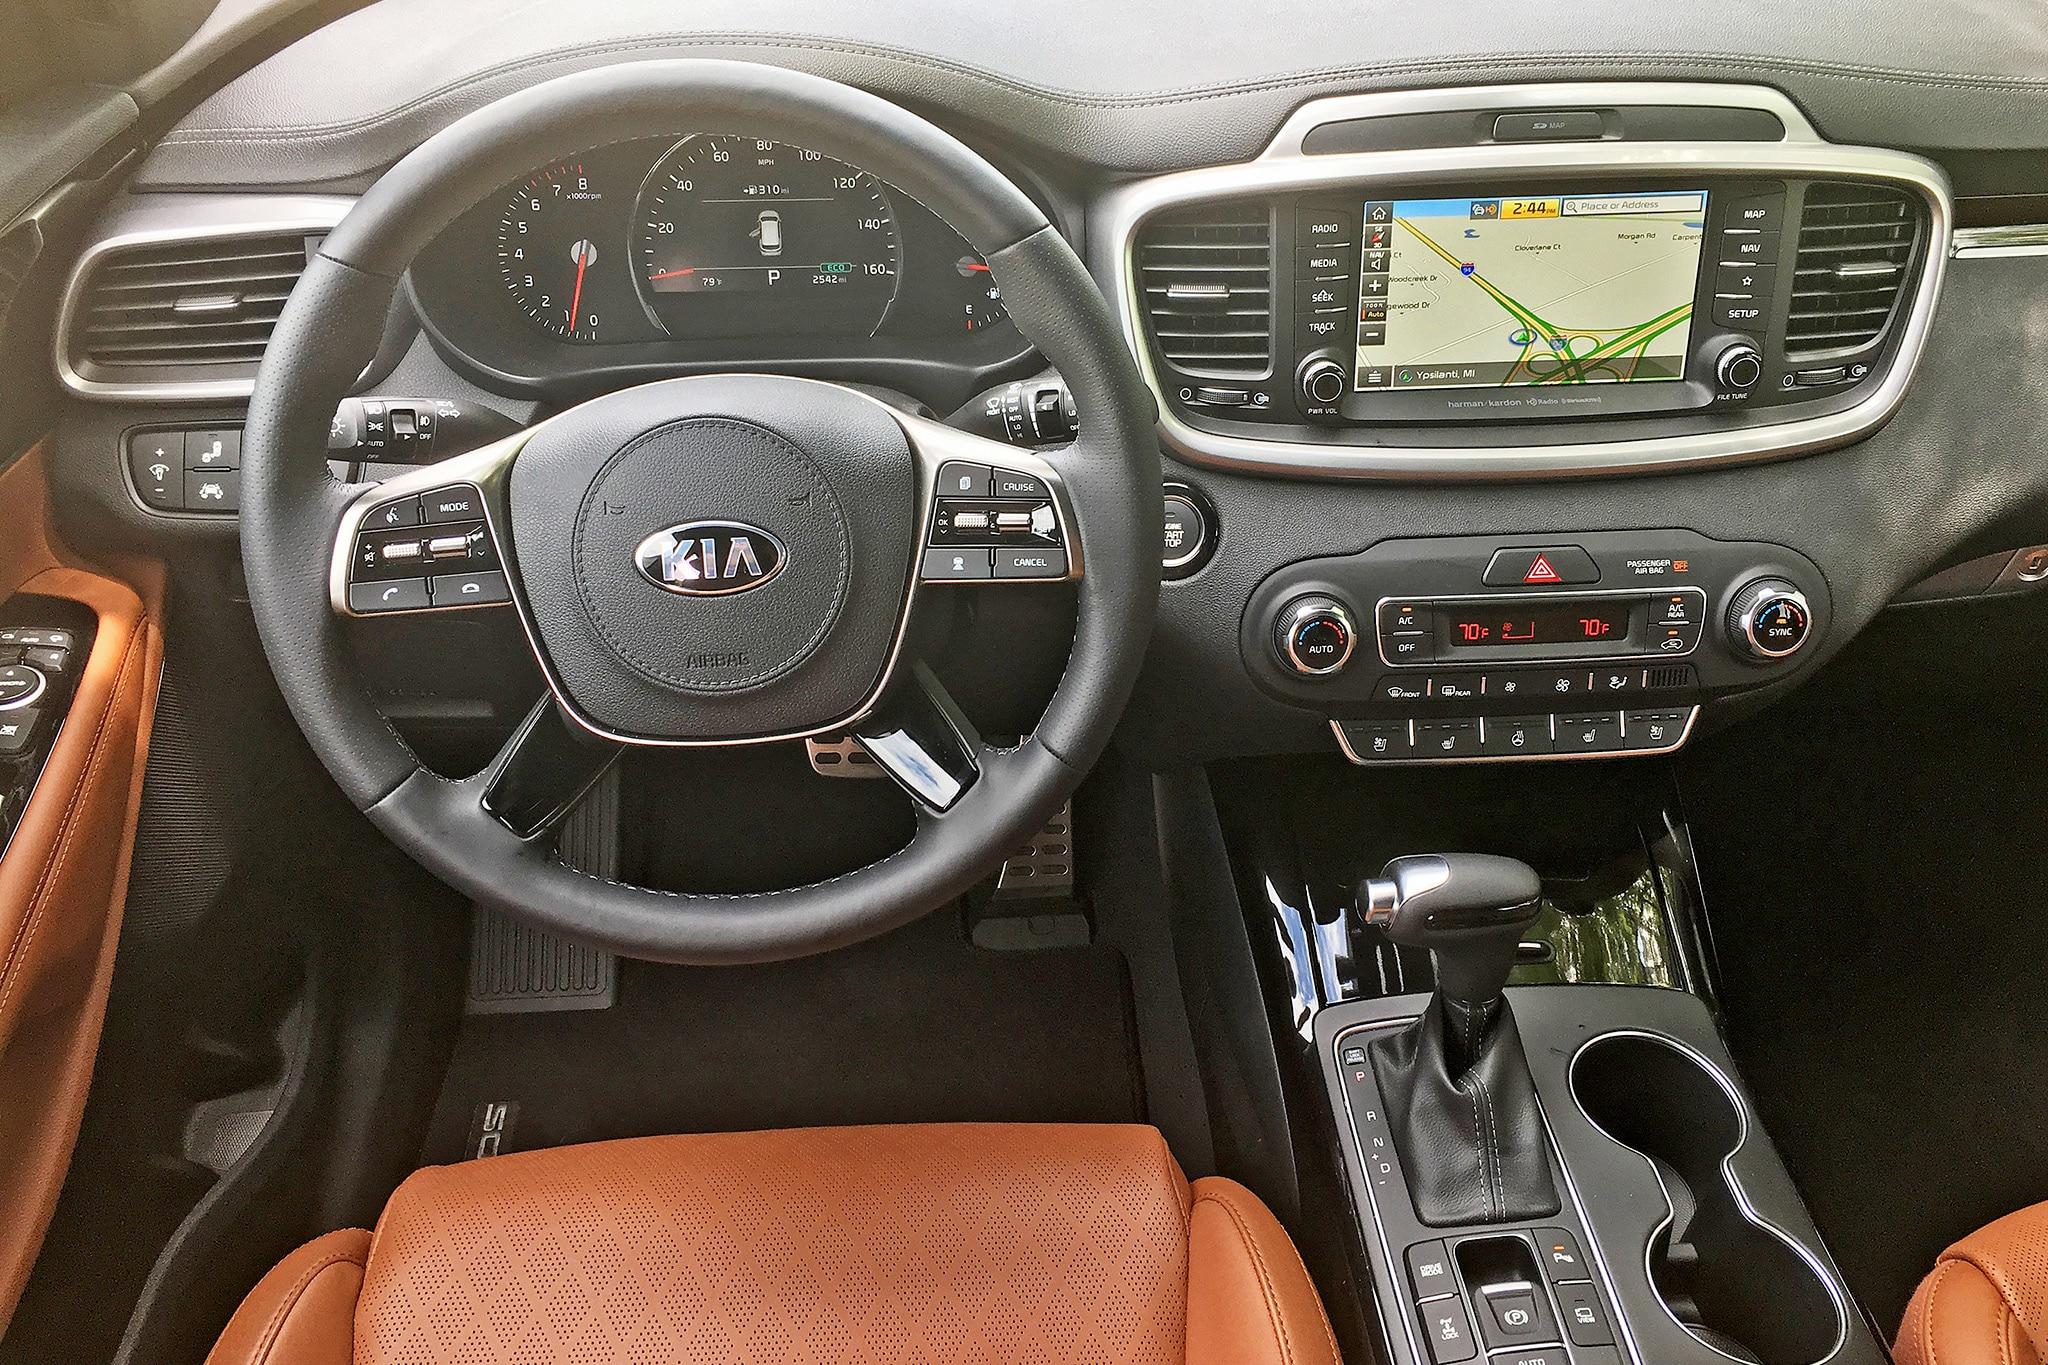 2019 Kia Sorento Sxl Awd One Week Review Automobile Magazine